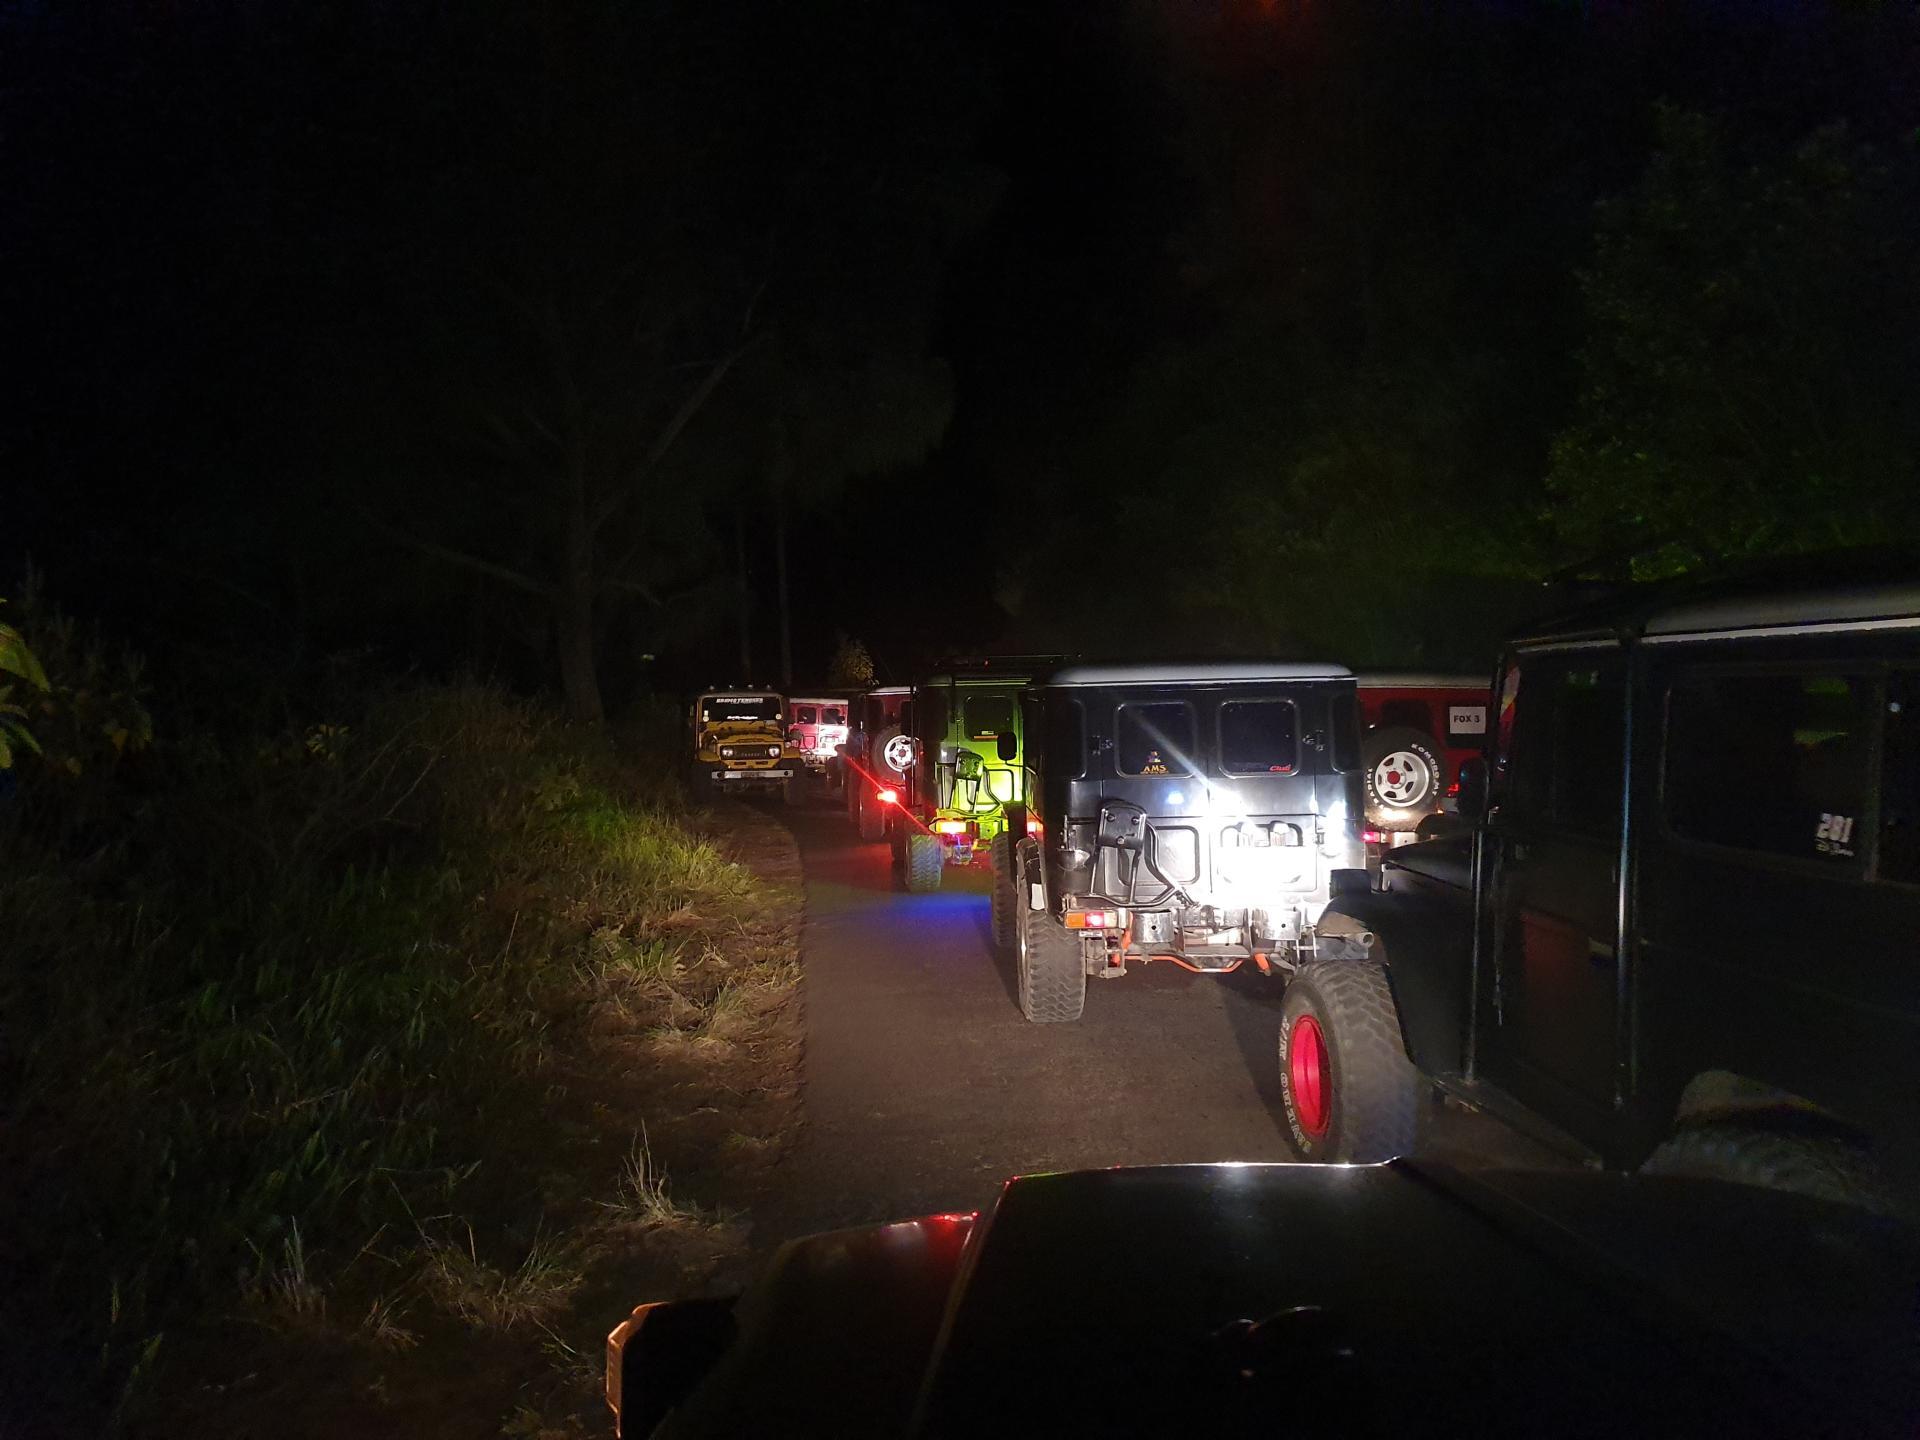 едем ночью на джипах на вулкан Бромо